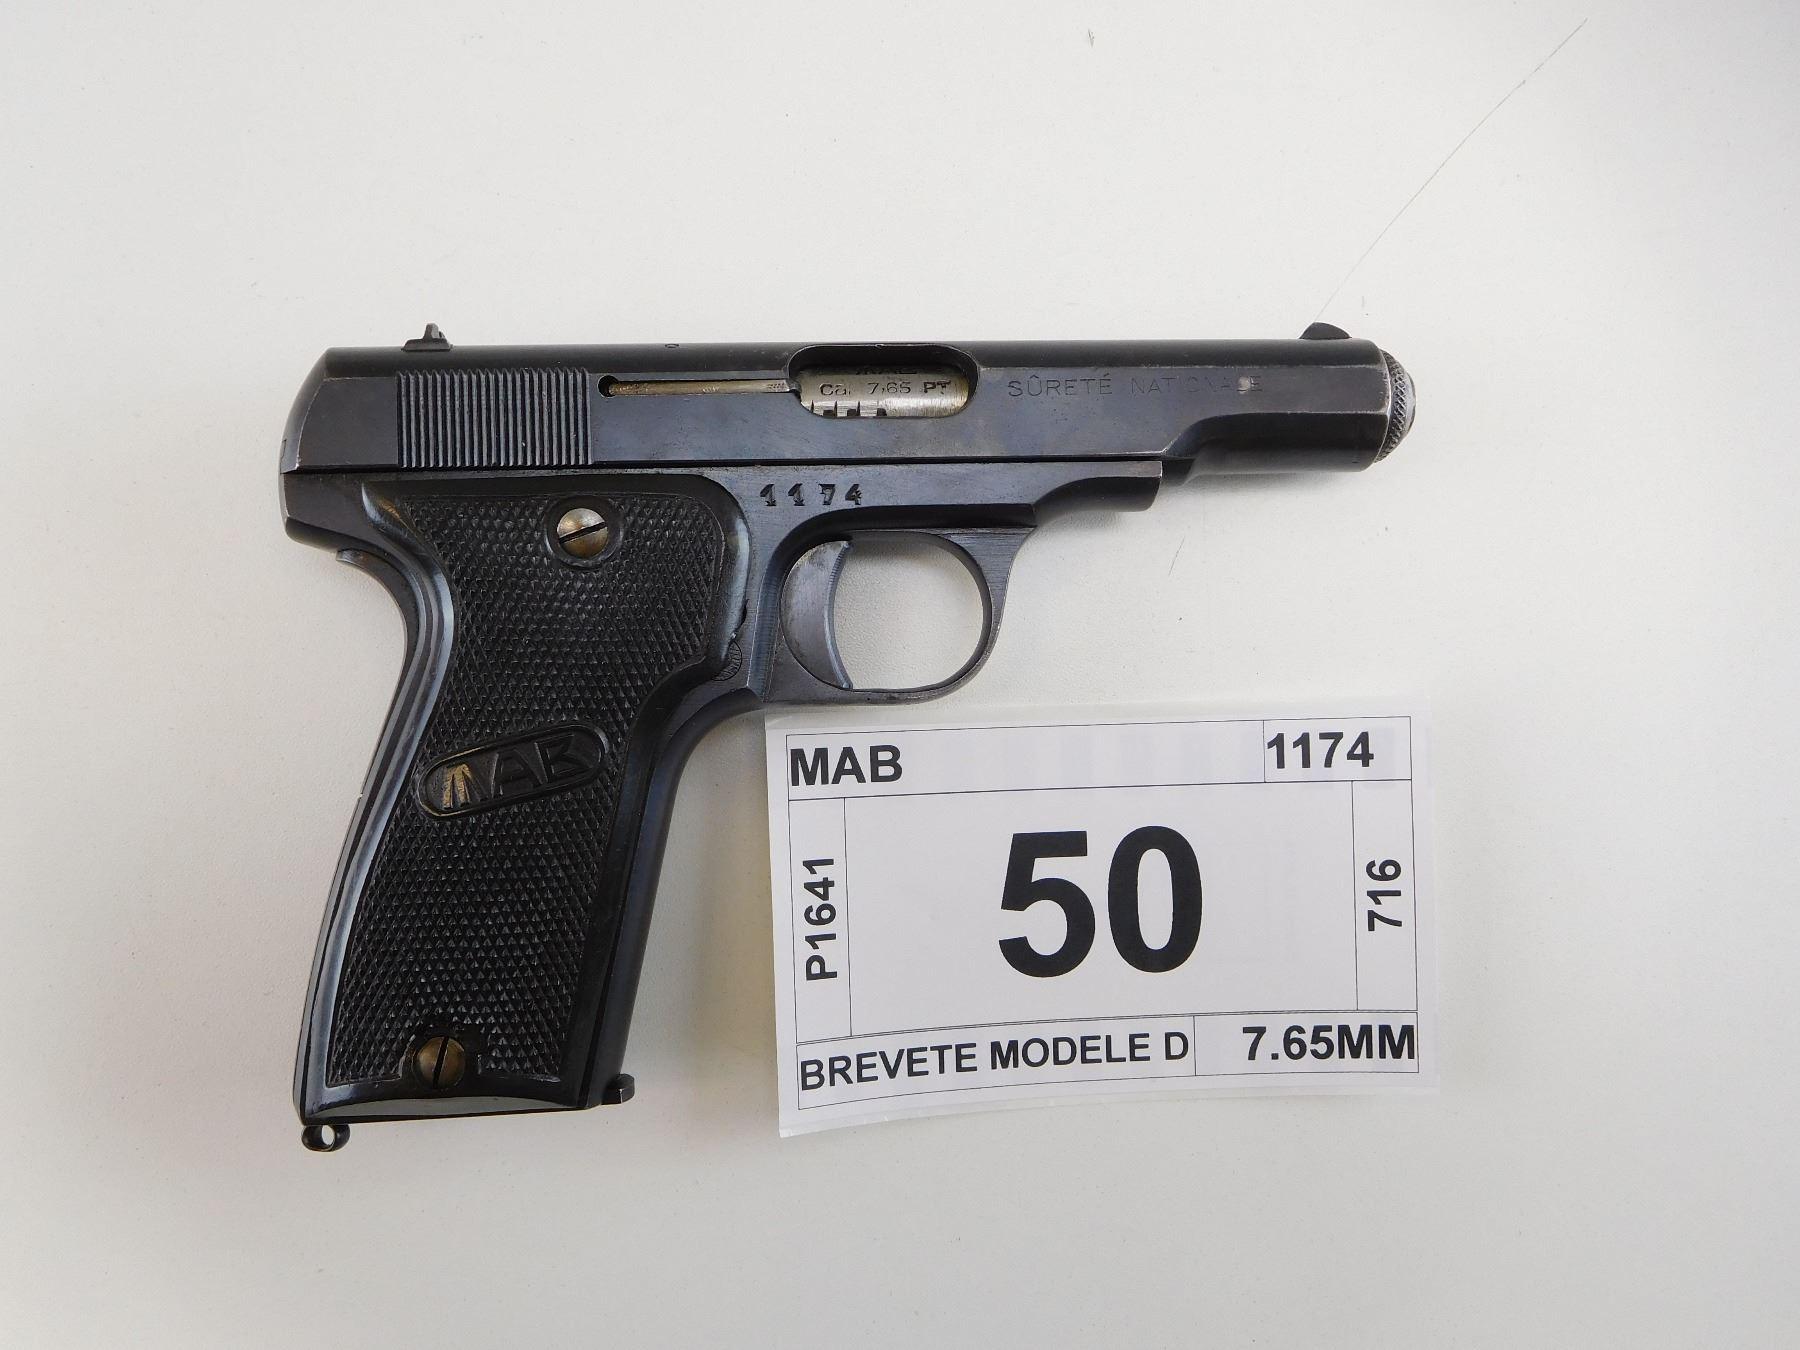 MAB , MODEL: BREVETE MODELE D , CALIBER: 7 65MM